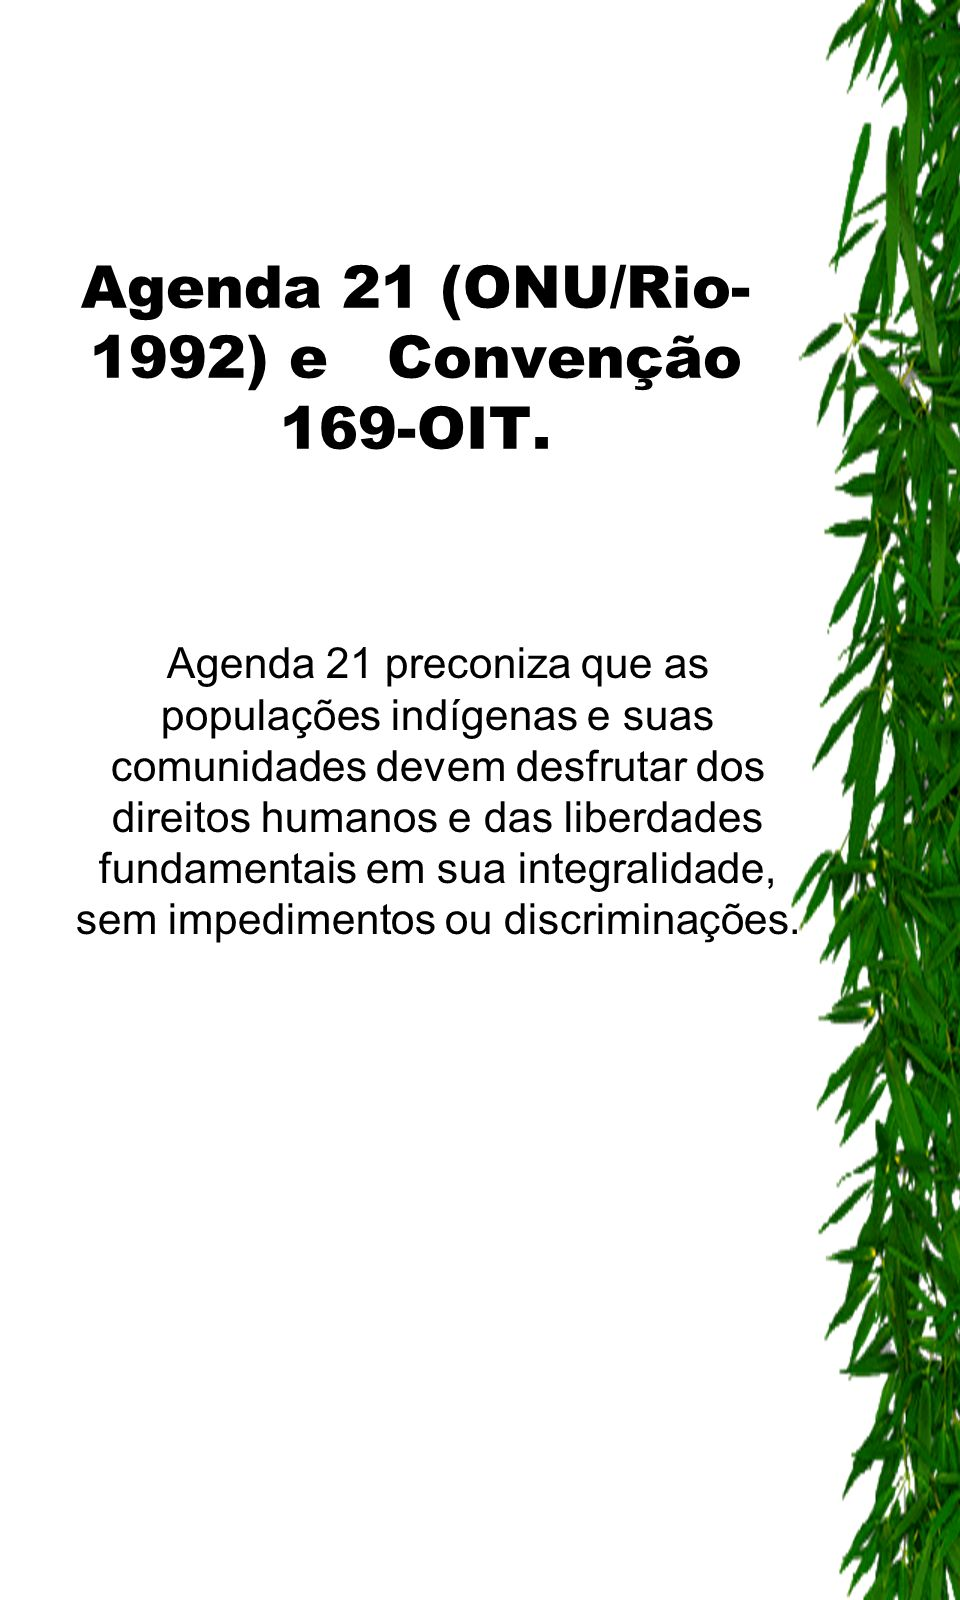 Agenda 21 (ONU/Rio-1992) e Convenção 169-OIT.